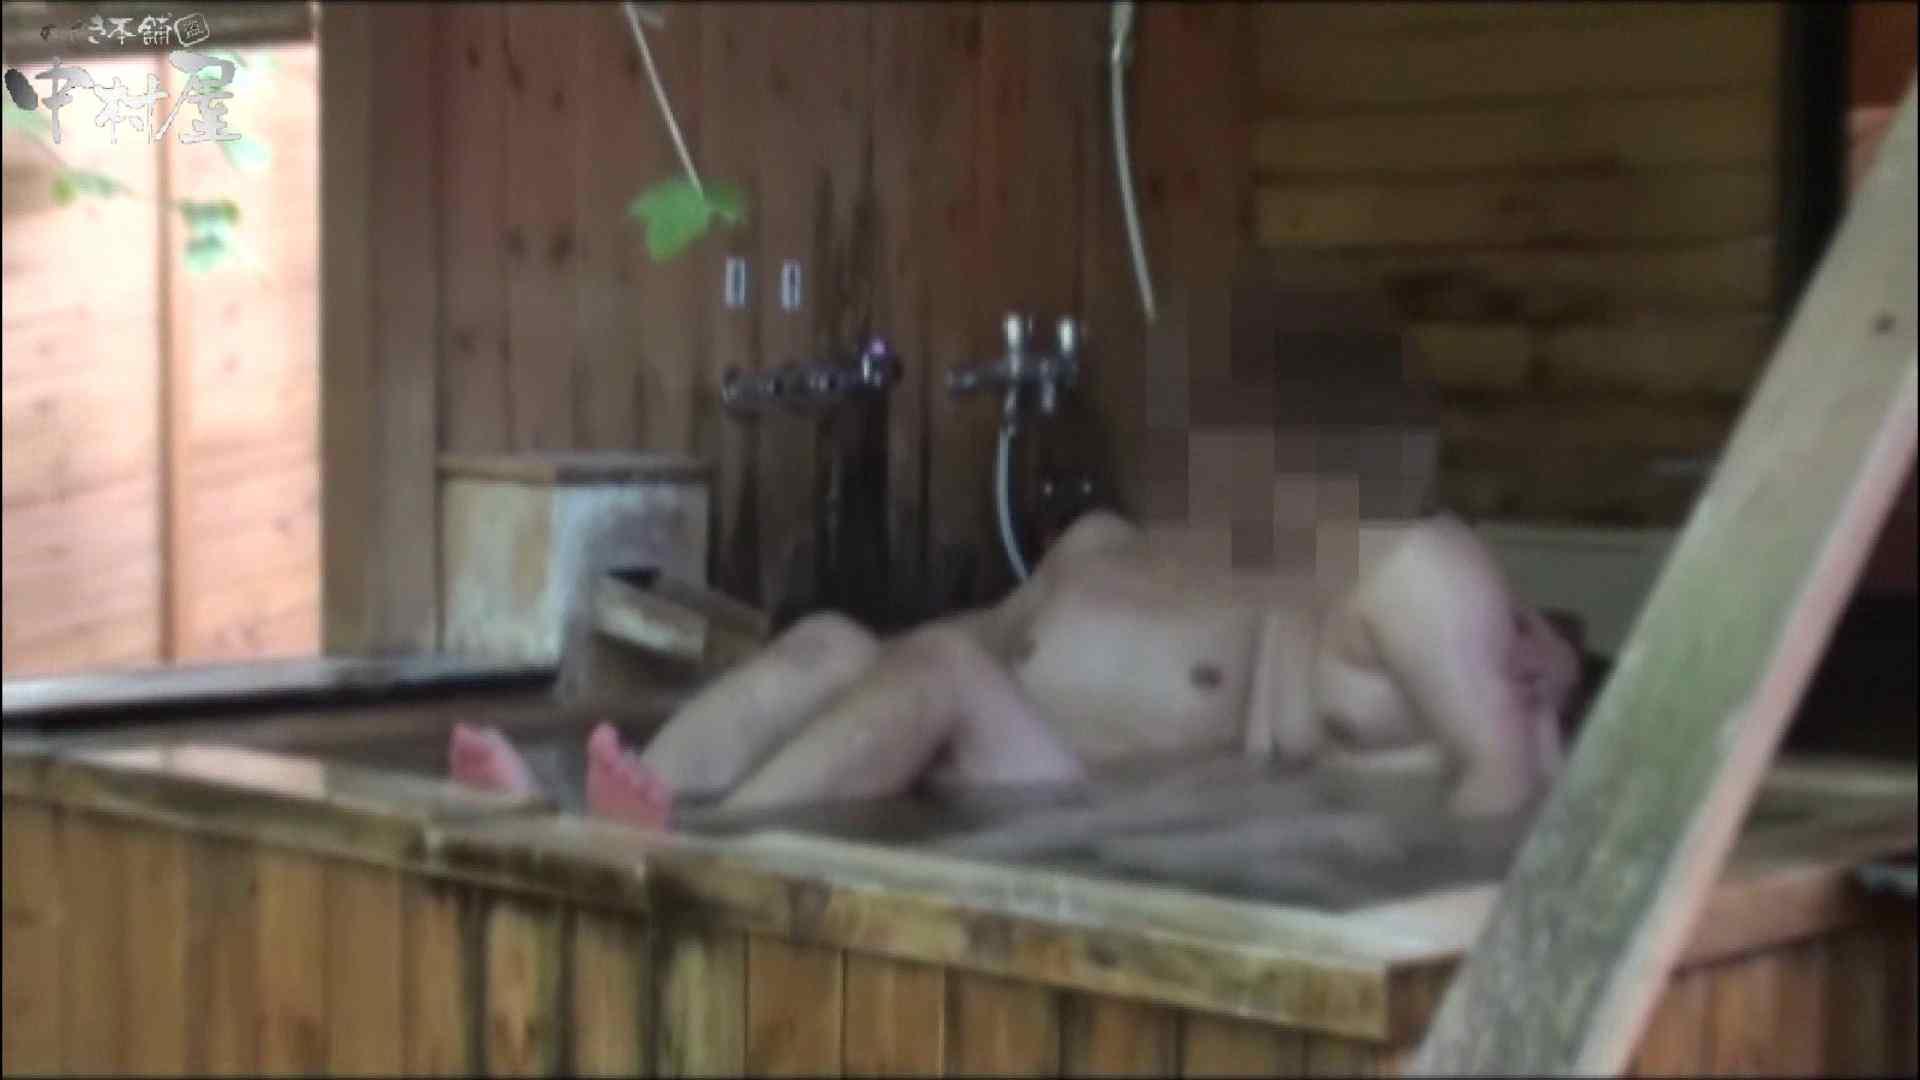 貸切露天 発情カップル! vol.03 オマンコもろ おまんこ無修正動画無料 110PIX 9